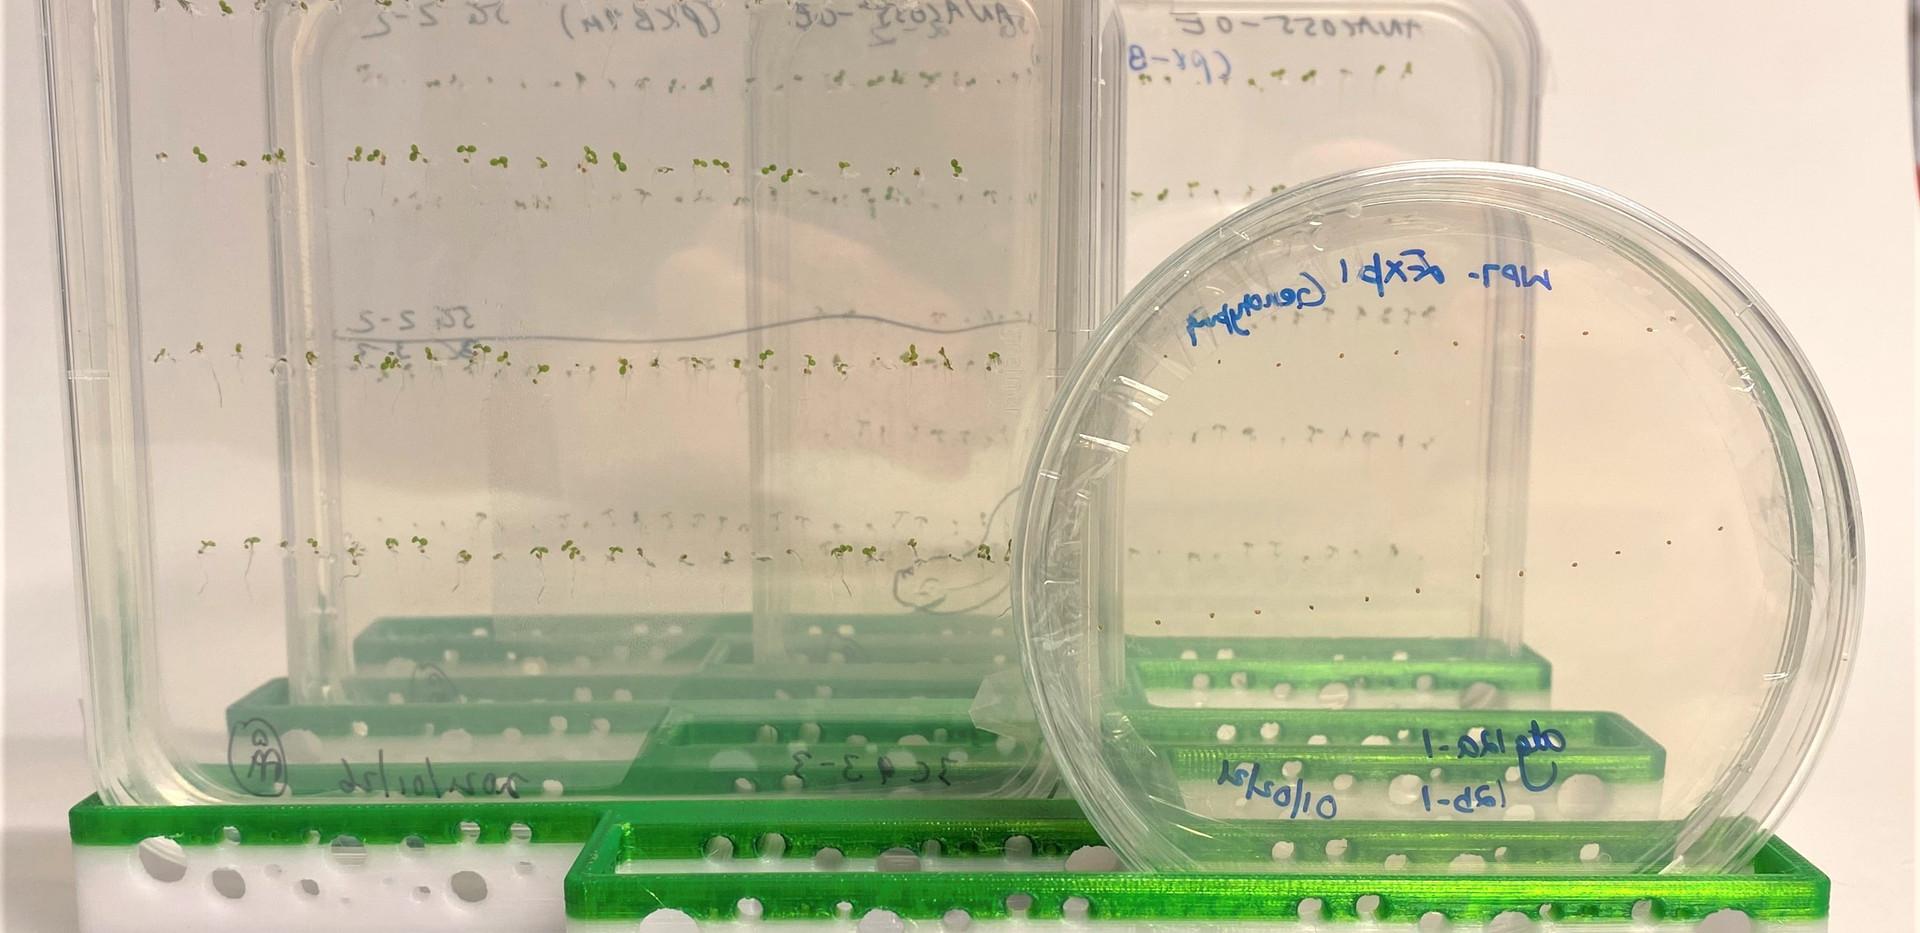 Holder for vertical Petri plates v3